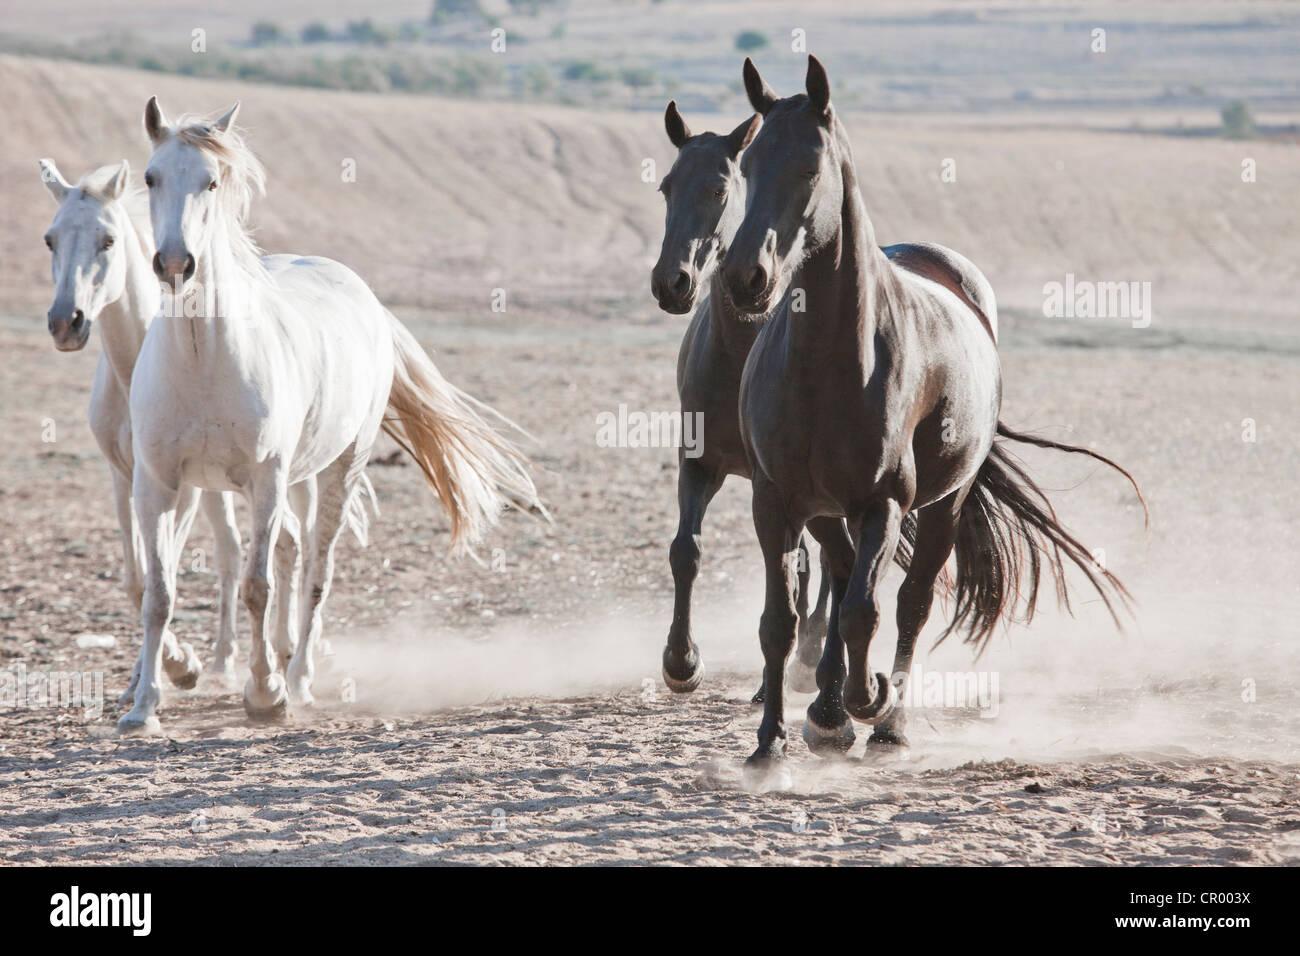 Pferde laufen in staubigen Stift Stockbild